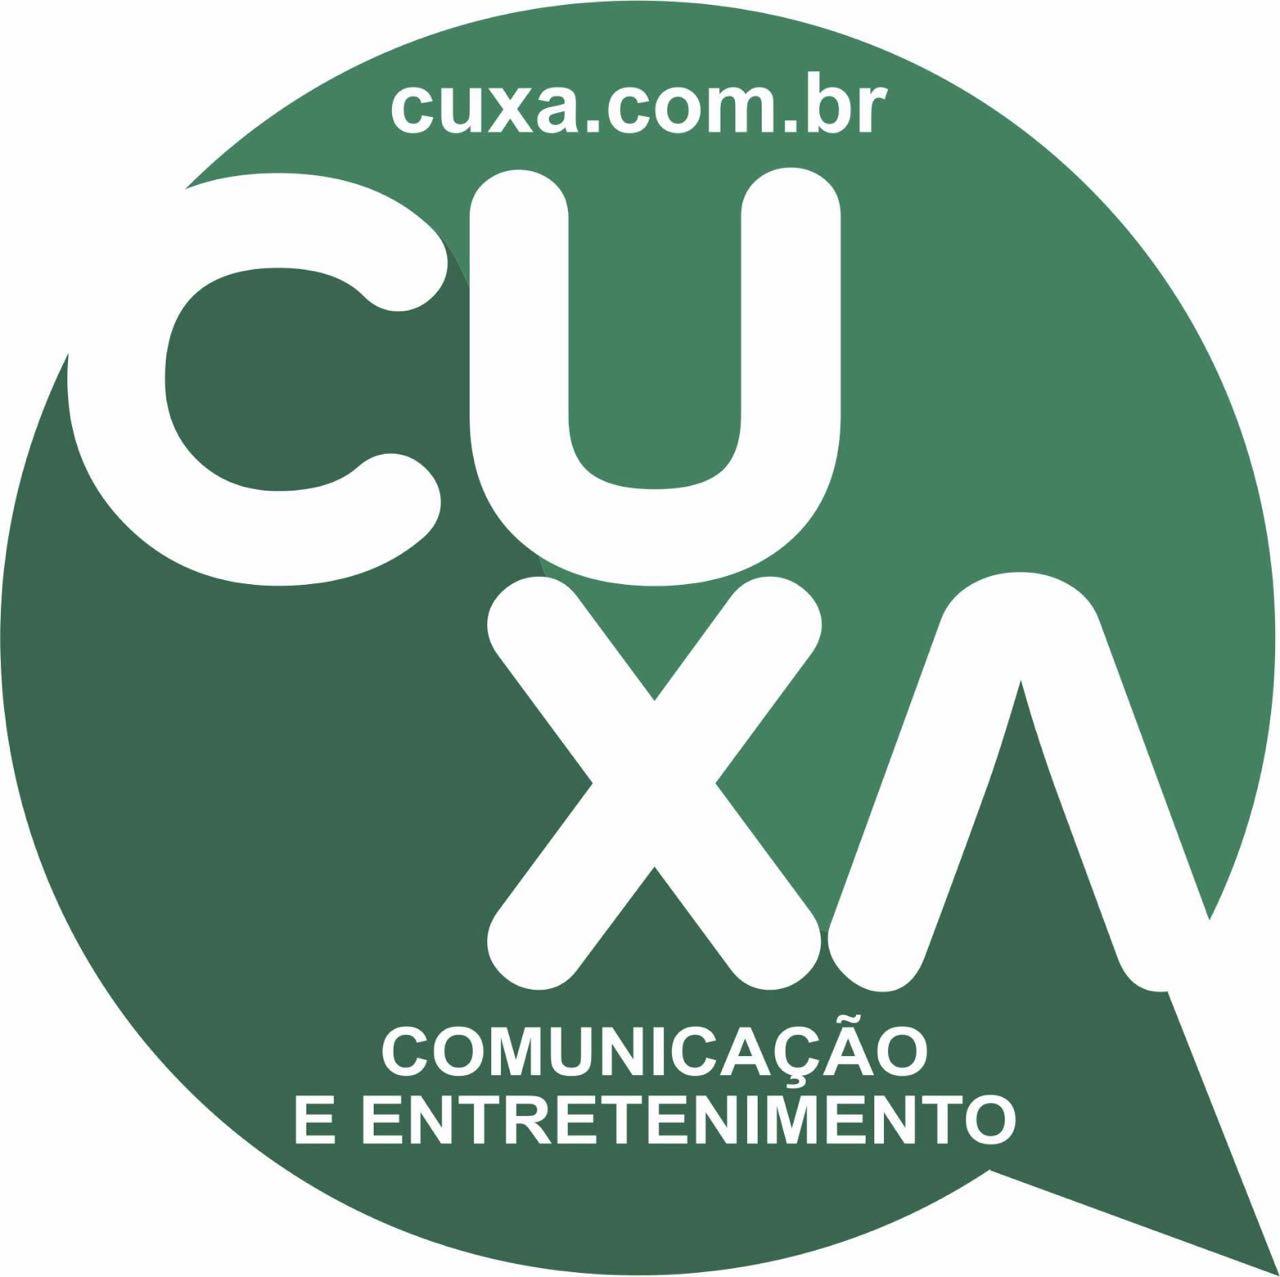 CUXA.COM.BR